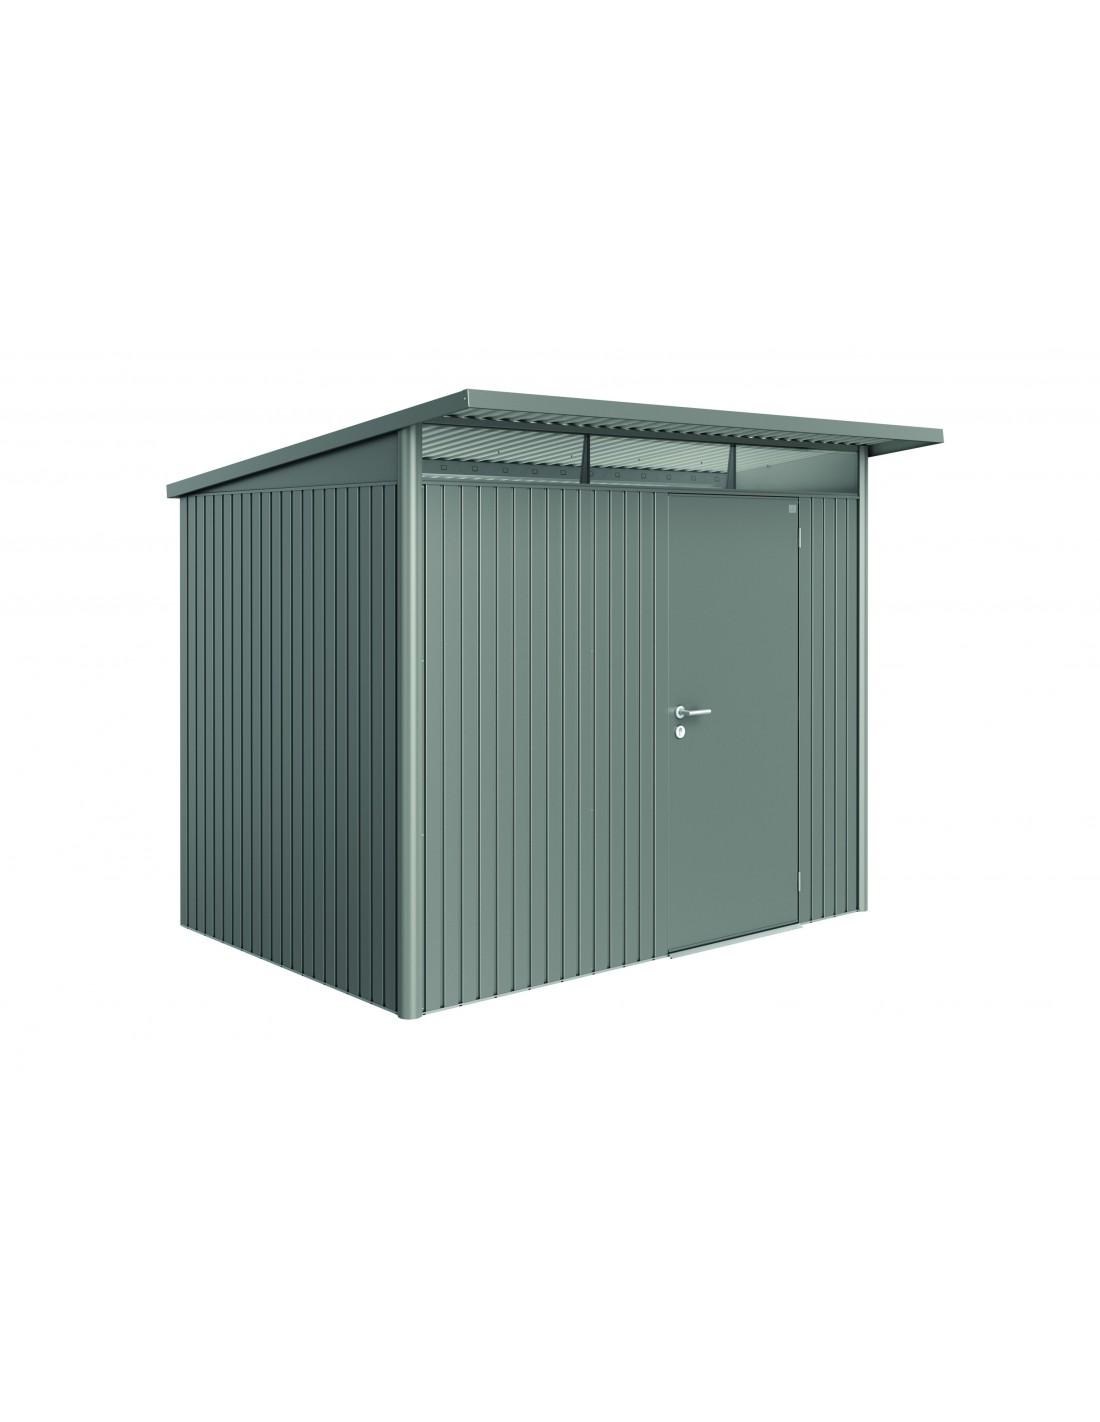 abri de jardin avantgarde biohort simple porte de 4 9 9 m. Black Bedroom Furniture Sets. Home Design Ideas